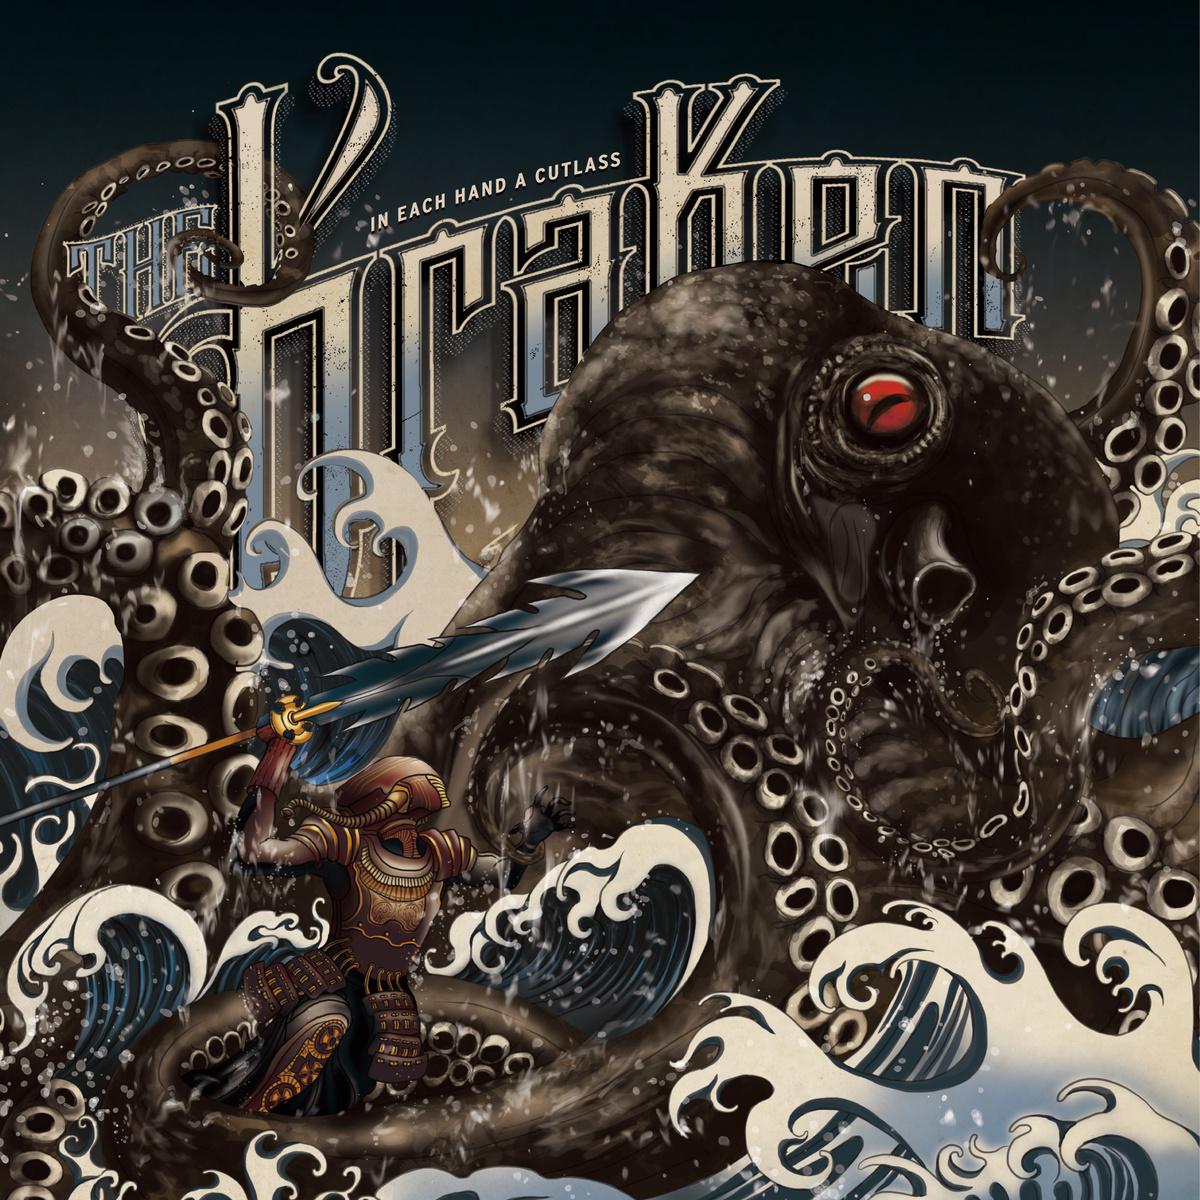 In Each Hand A Cutlass: The Kraken